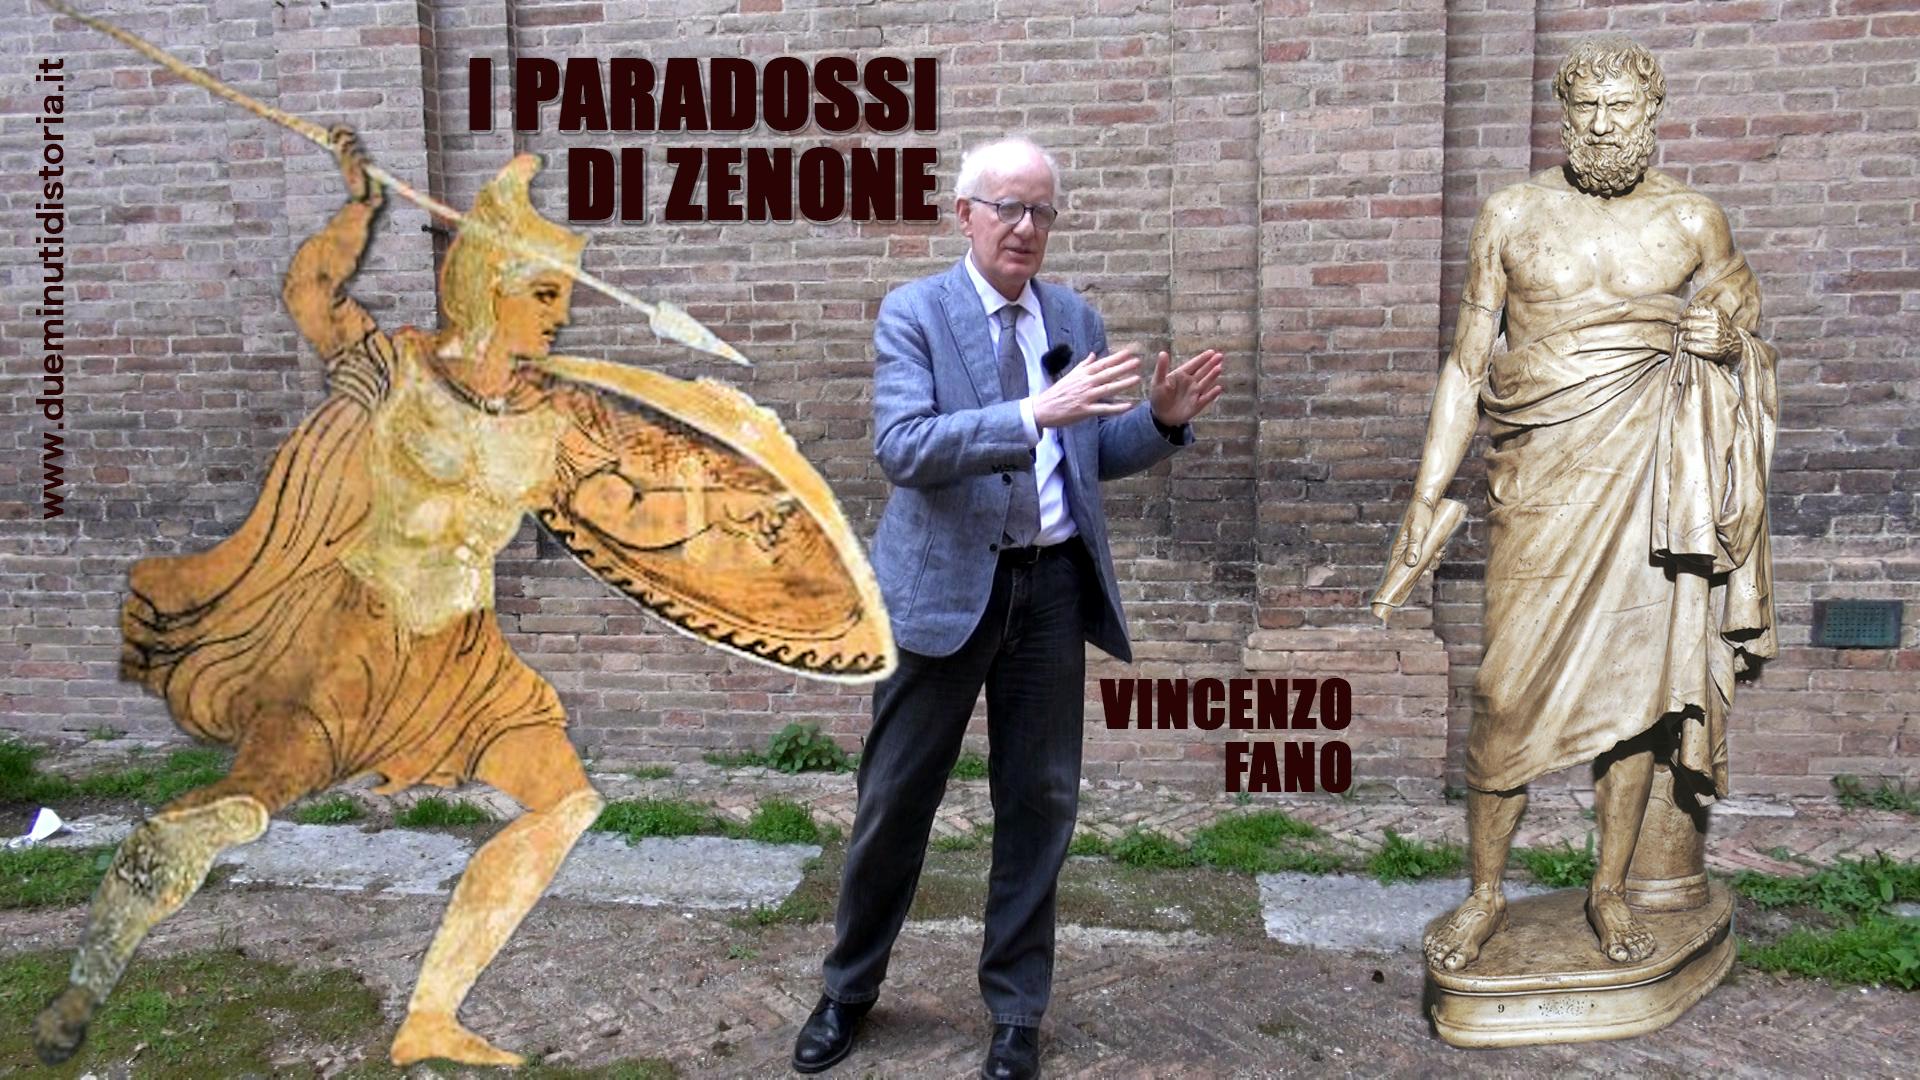 I paradossi di Zenone